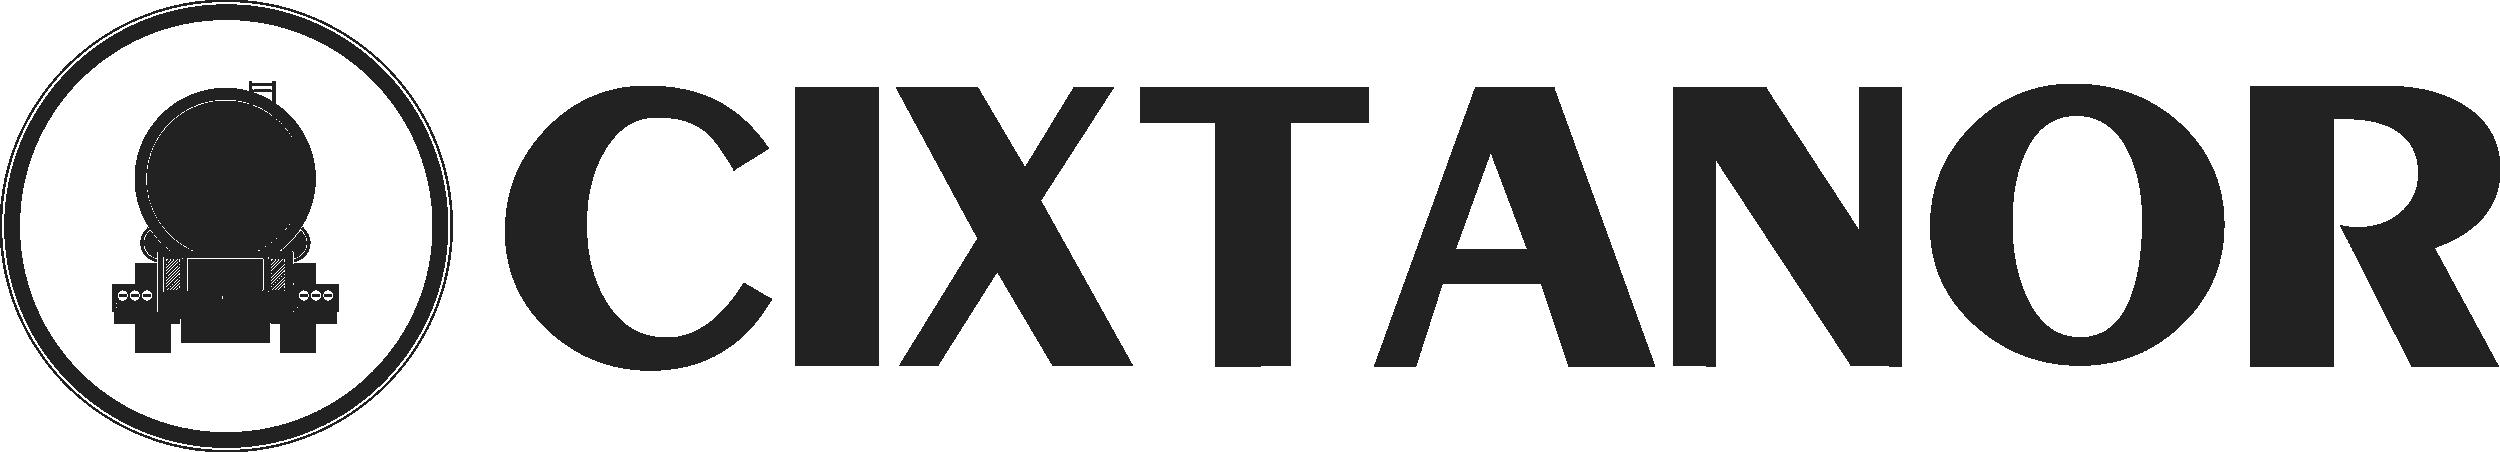 Cixtanor – Fabricación, reparación y venta de cisternas